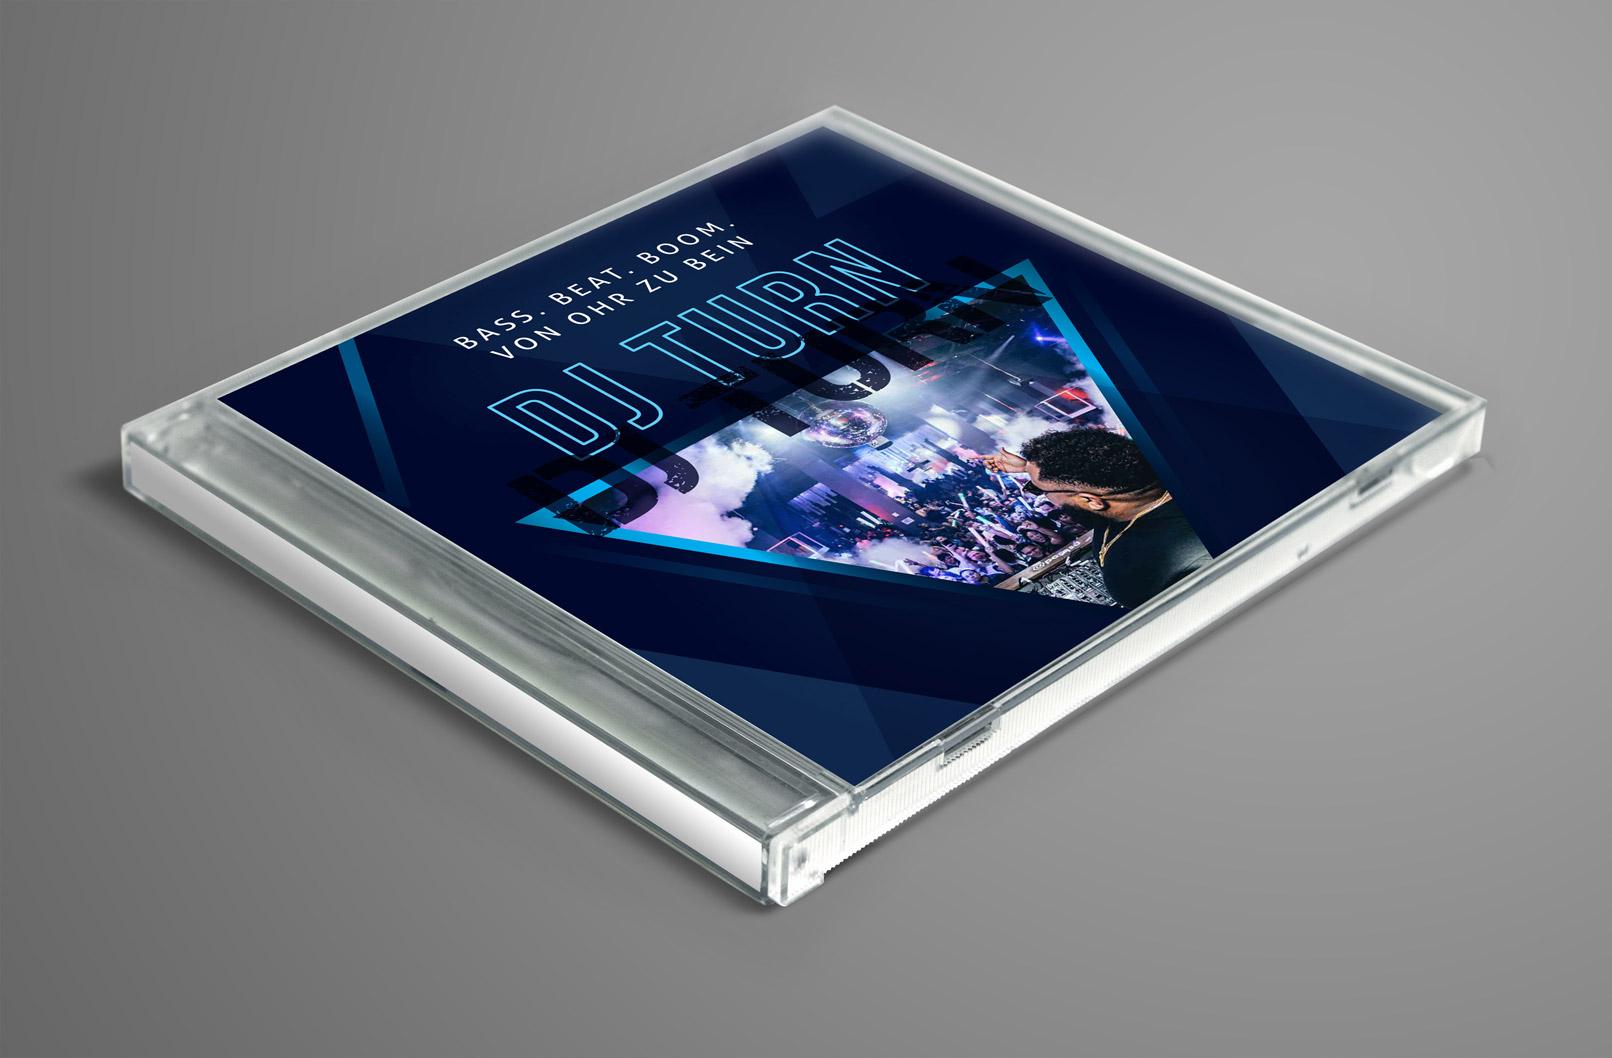 Design-Vorlage für ein CD Cover, ausgelegt für DJs